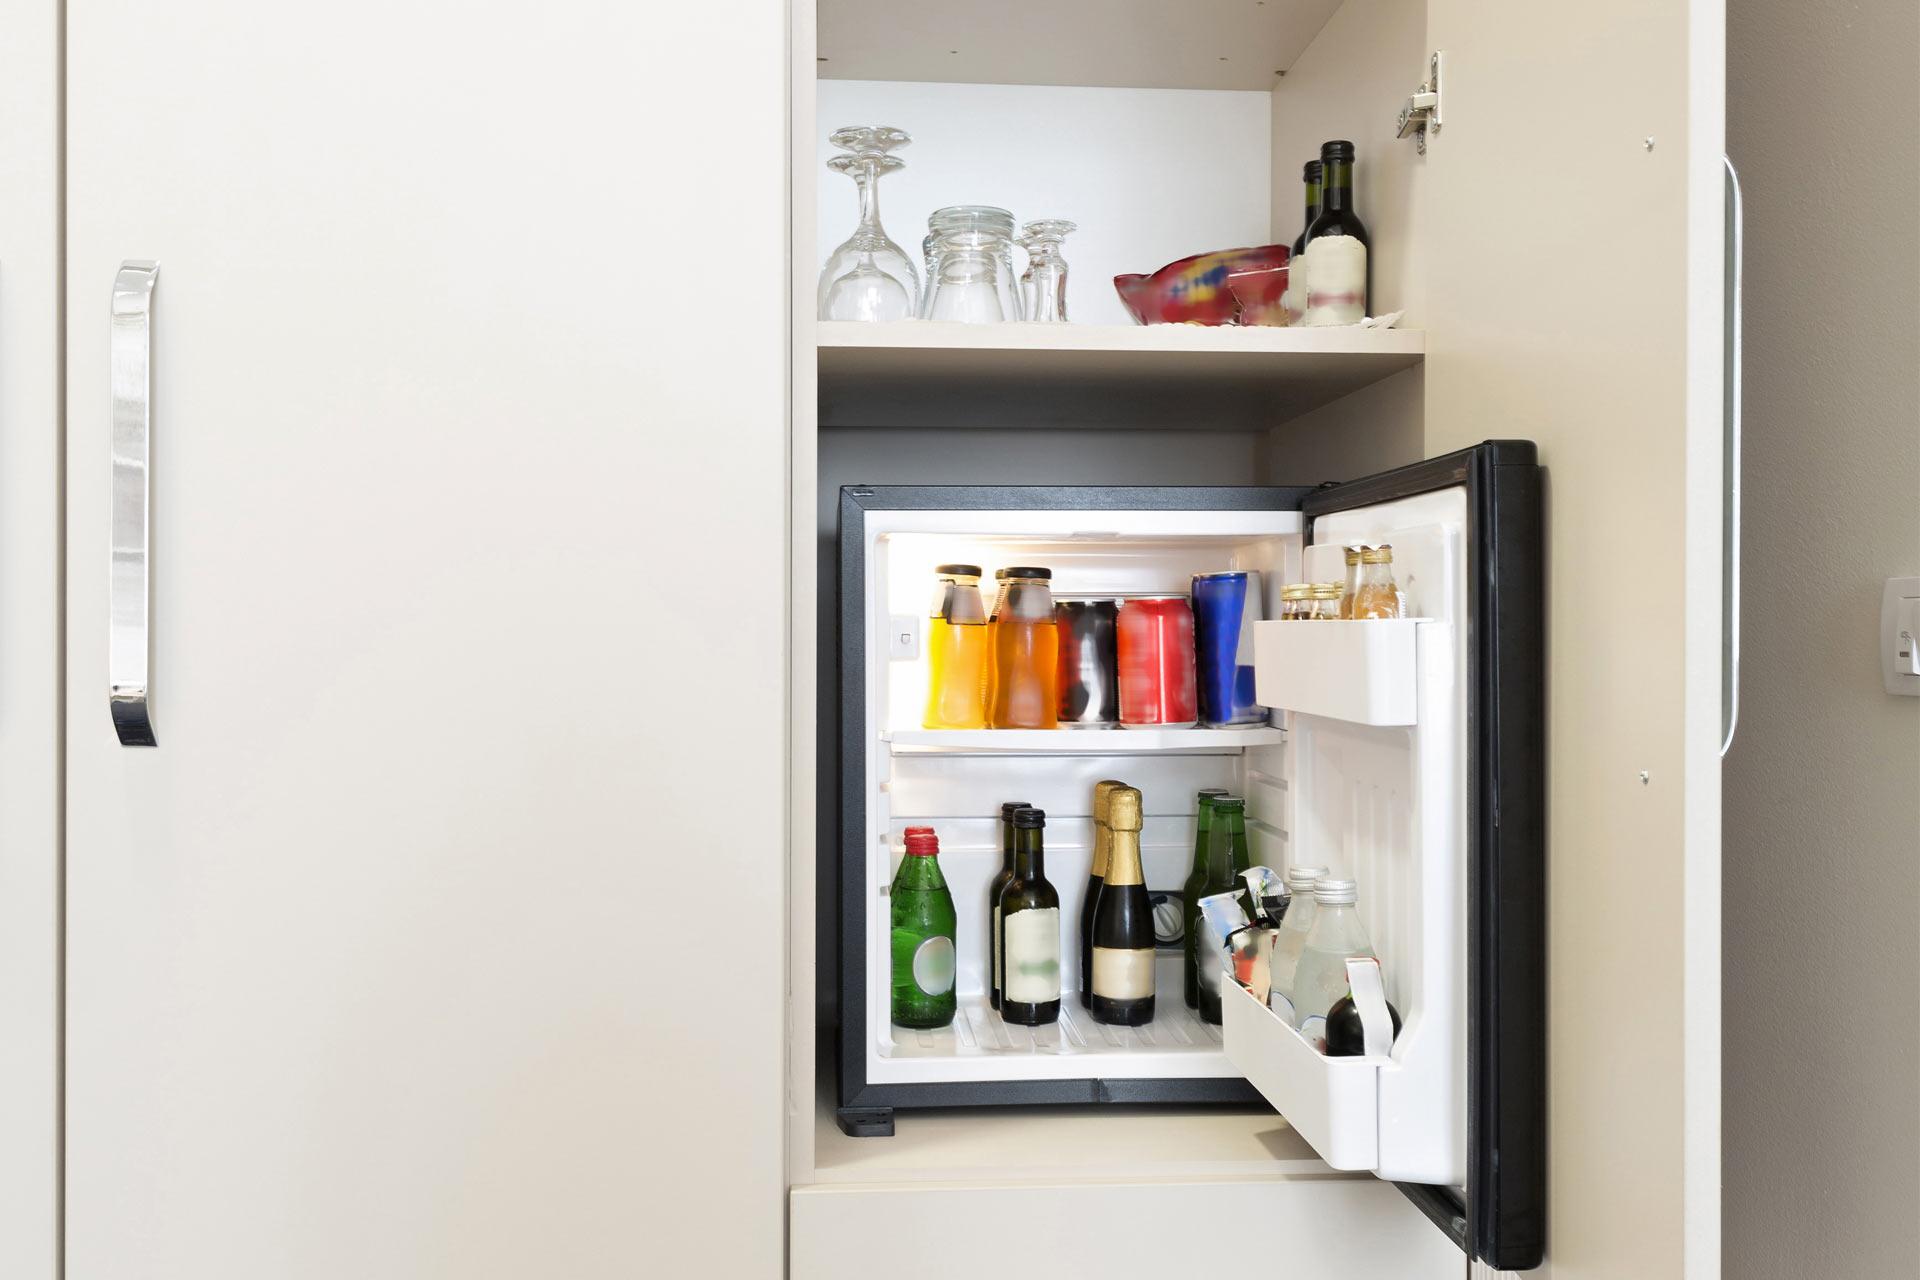 Kleiner Kühlschrank Gebraucht : Kühlschrank gebraucht münchen kuchen kühlschrank gebraucht